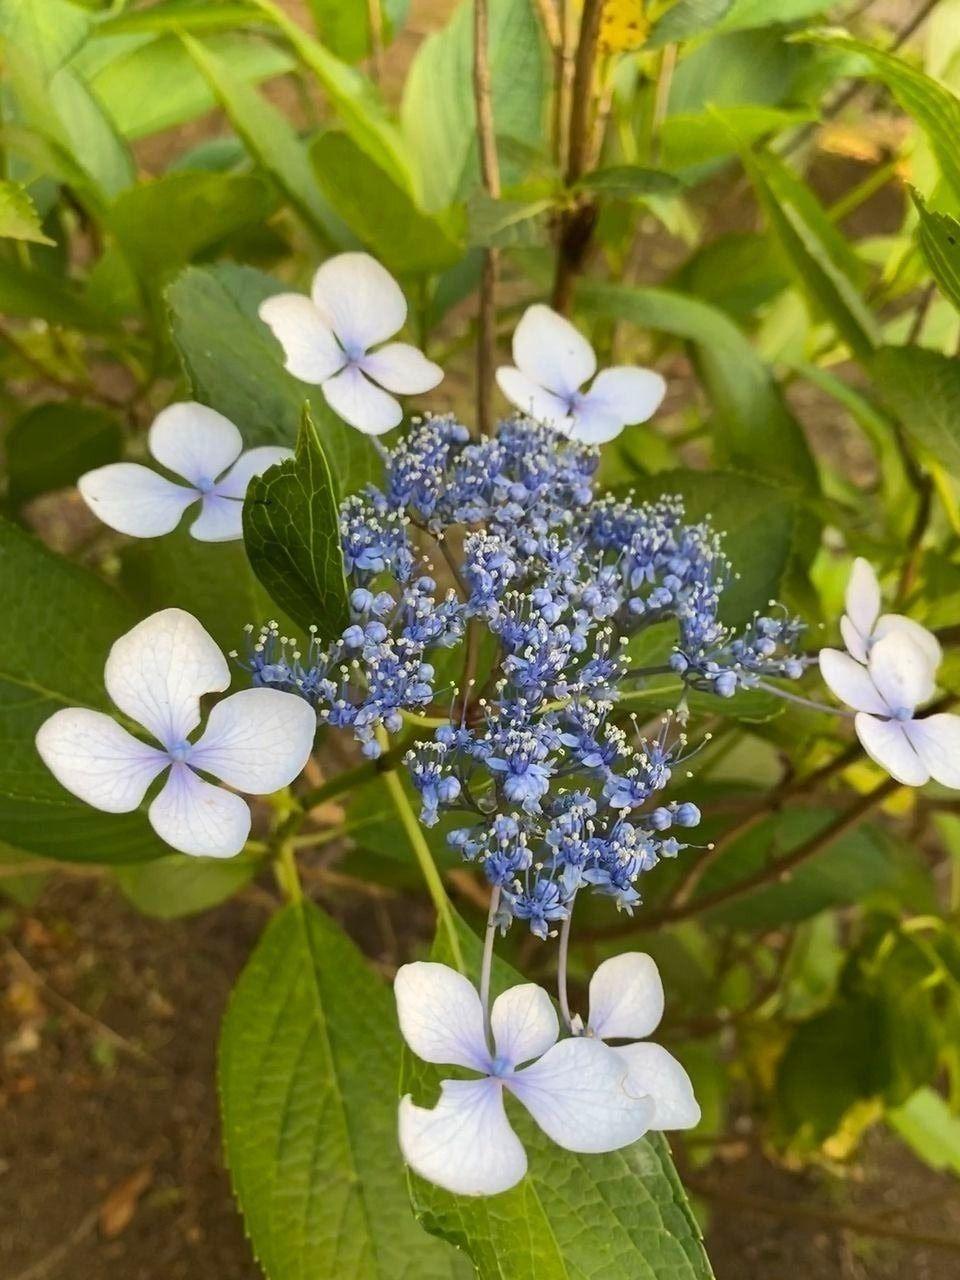 たまプラーザ団地の敷地内の遊歩道沿いの紫陽花(アジサイ・あじさい)